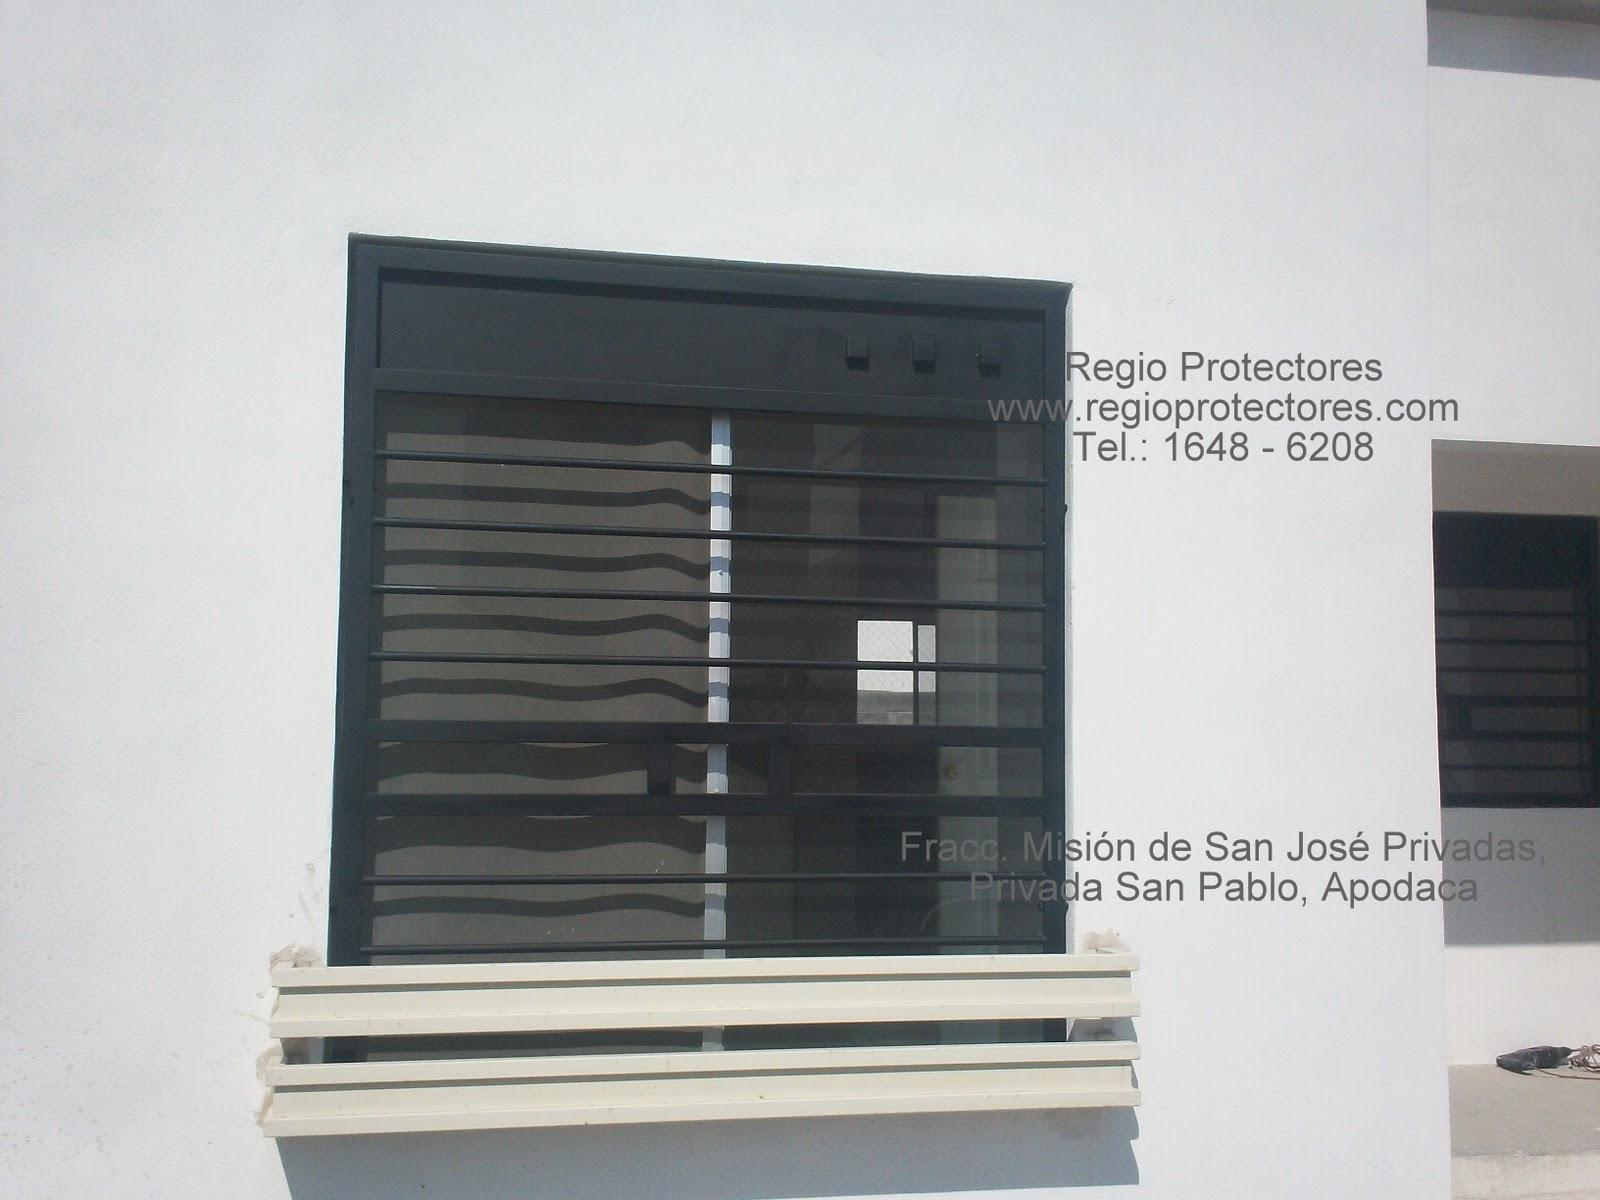 Protectores para ventanas, Fracc. Misión de San José Privadas 01